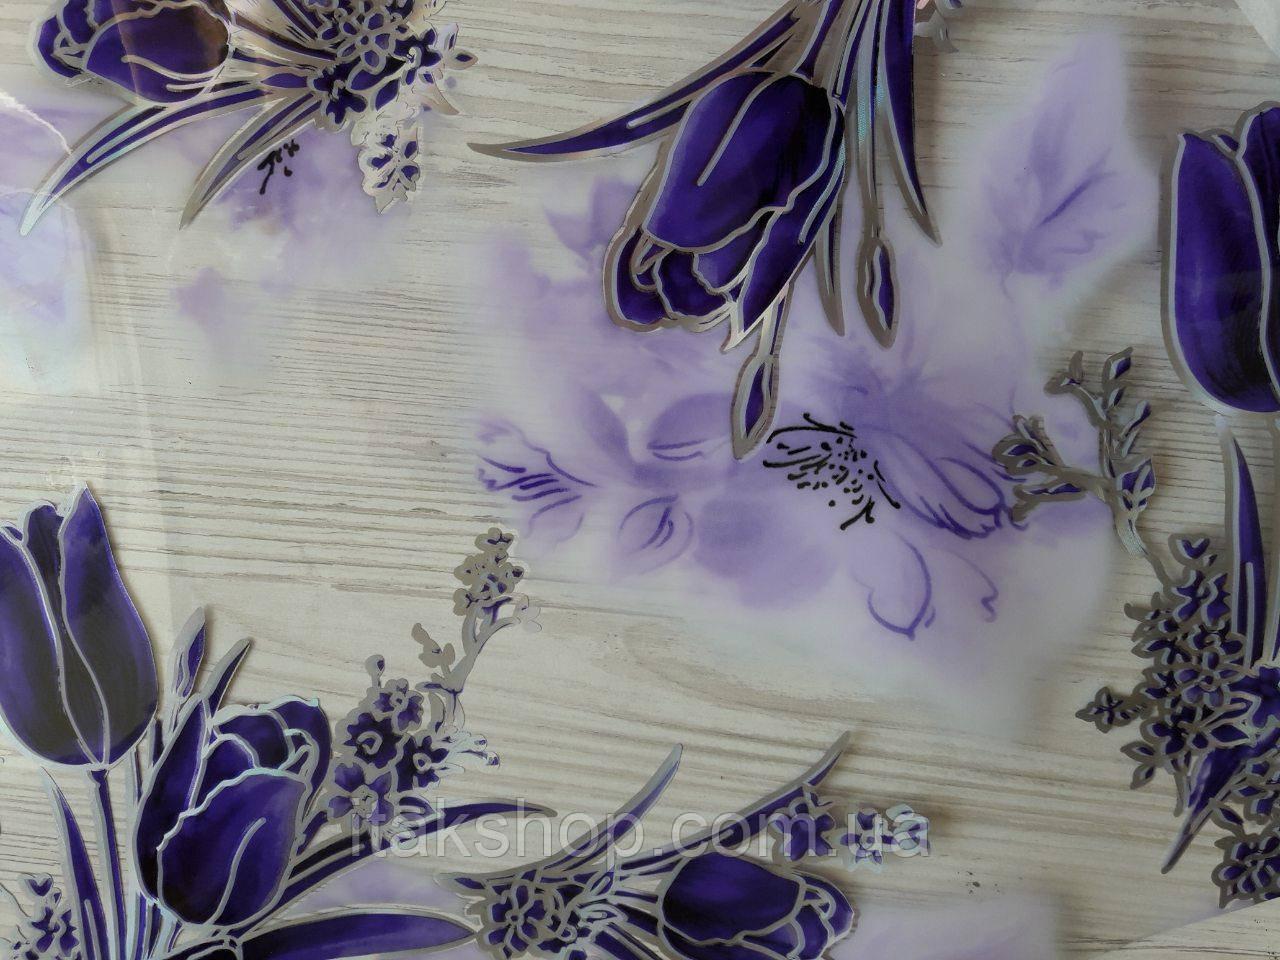 Мягкое стекло Скатерть с лазерным рисунком Soft Glass 1.5х0.8м толщина 1.5мм Фиолетовые тюльпаны